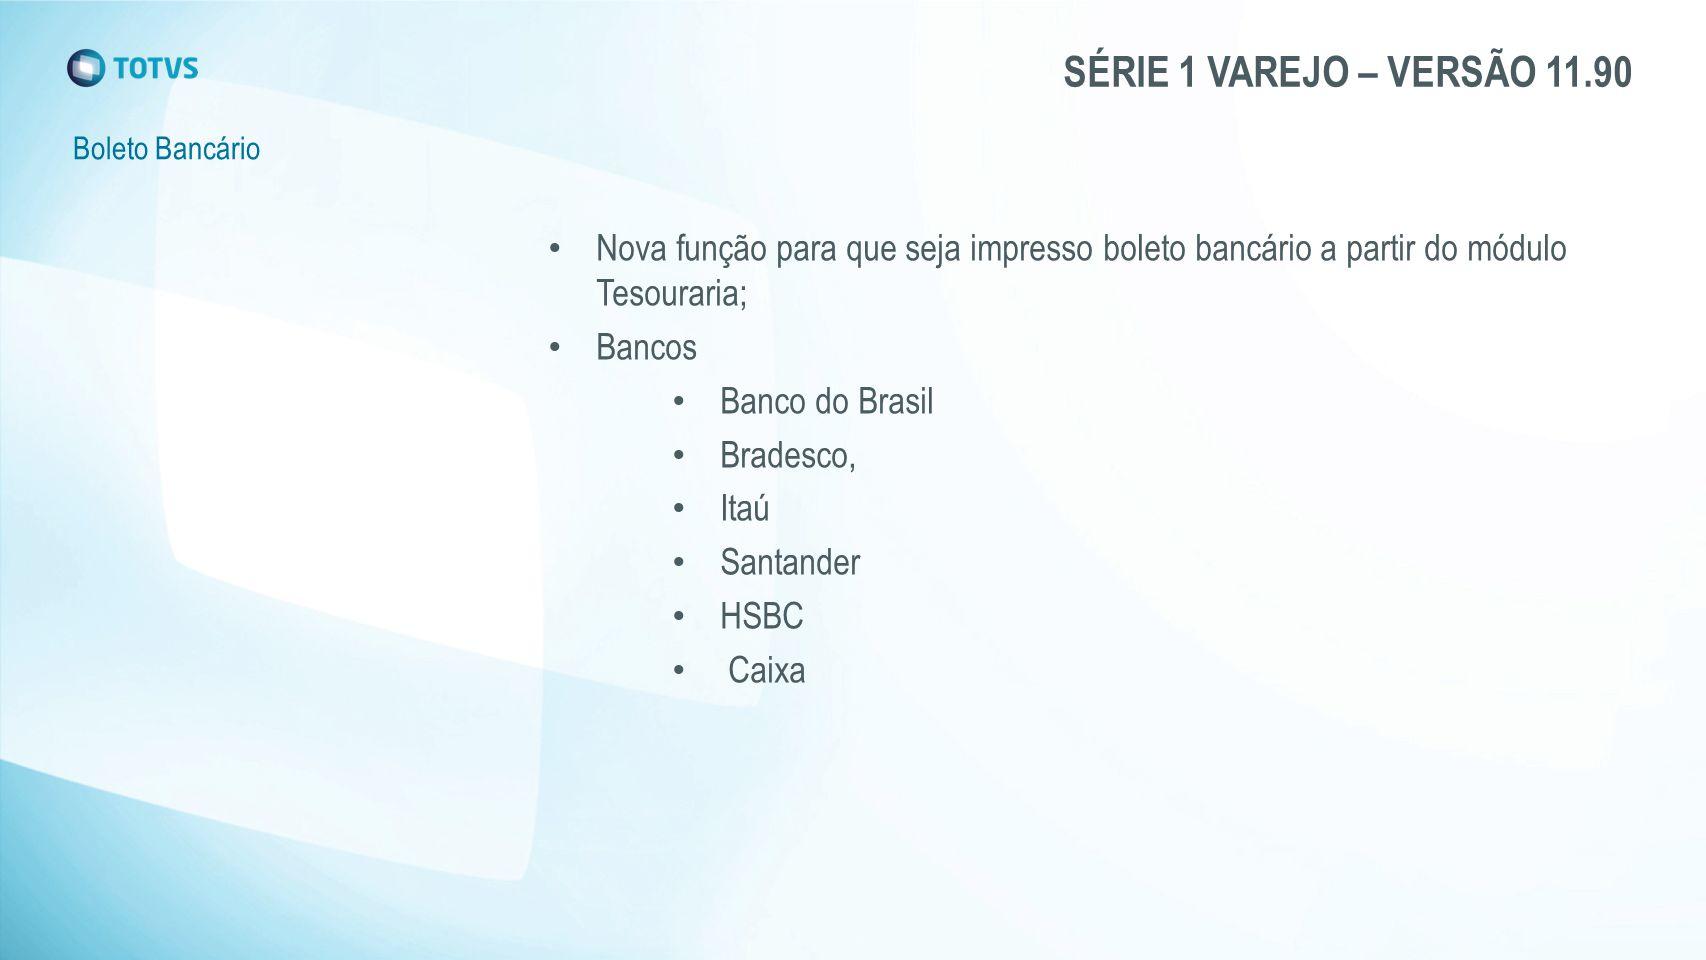 SÉRIE 1 VAREJO – VERSÃO 11.90 Controle de Licenciamento fazer a validação das Rotinas Fiscais e Não Fiscais O número de Série do cliente caracteriza o produto como FISCAL ou não FISCAL.